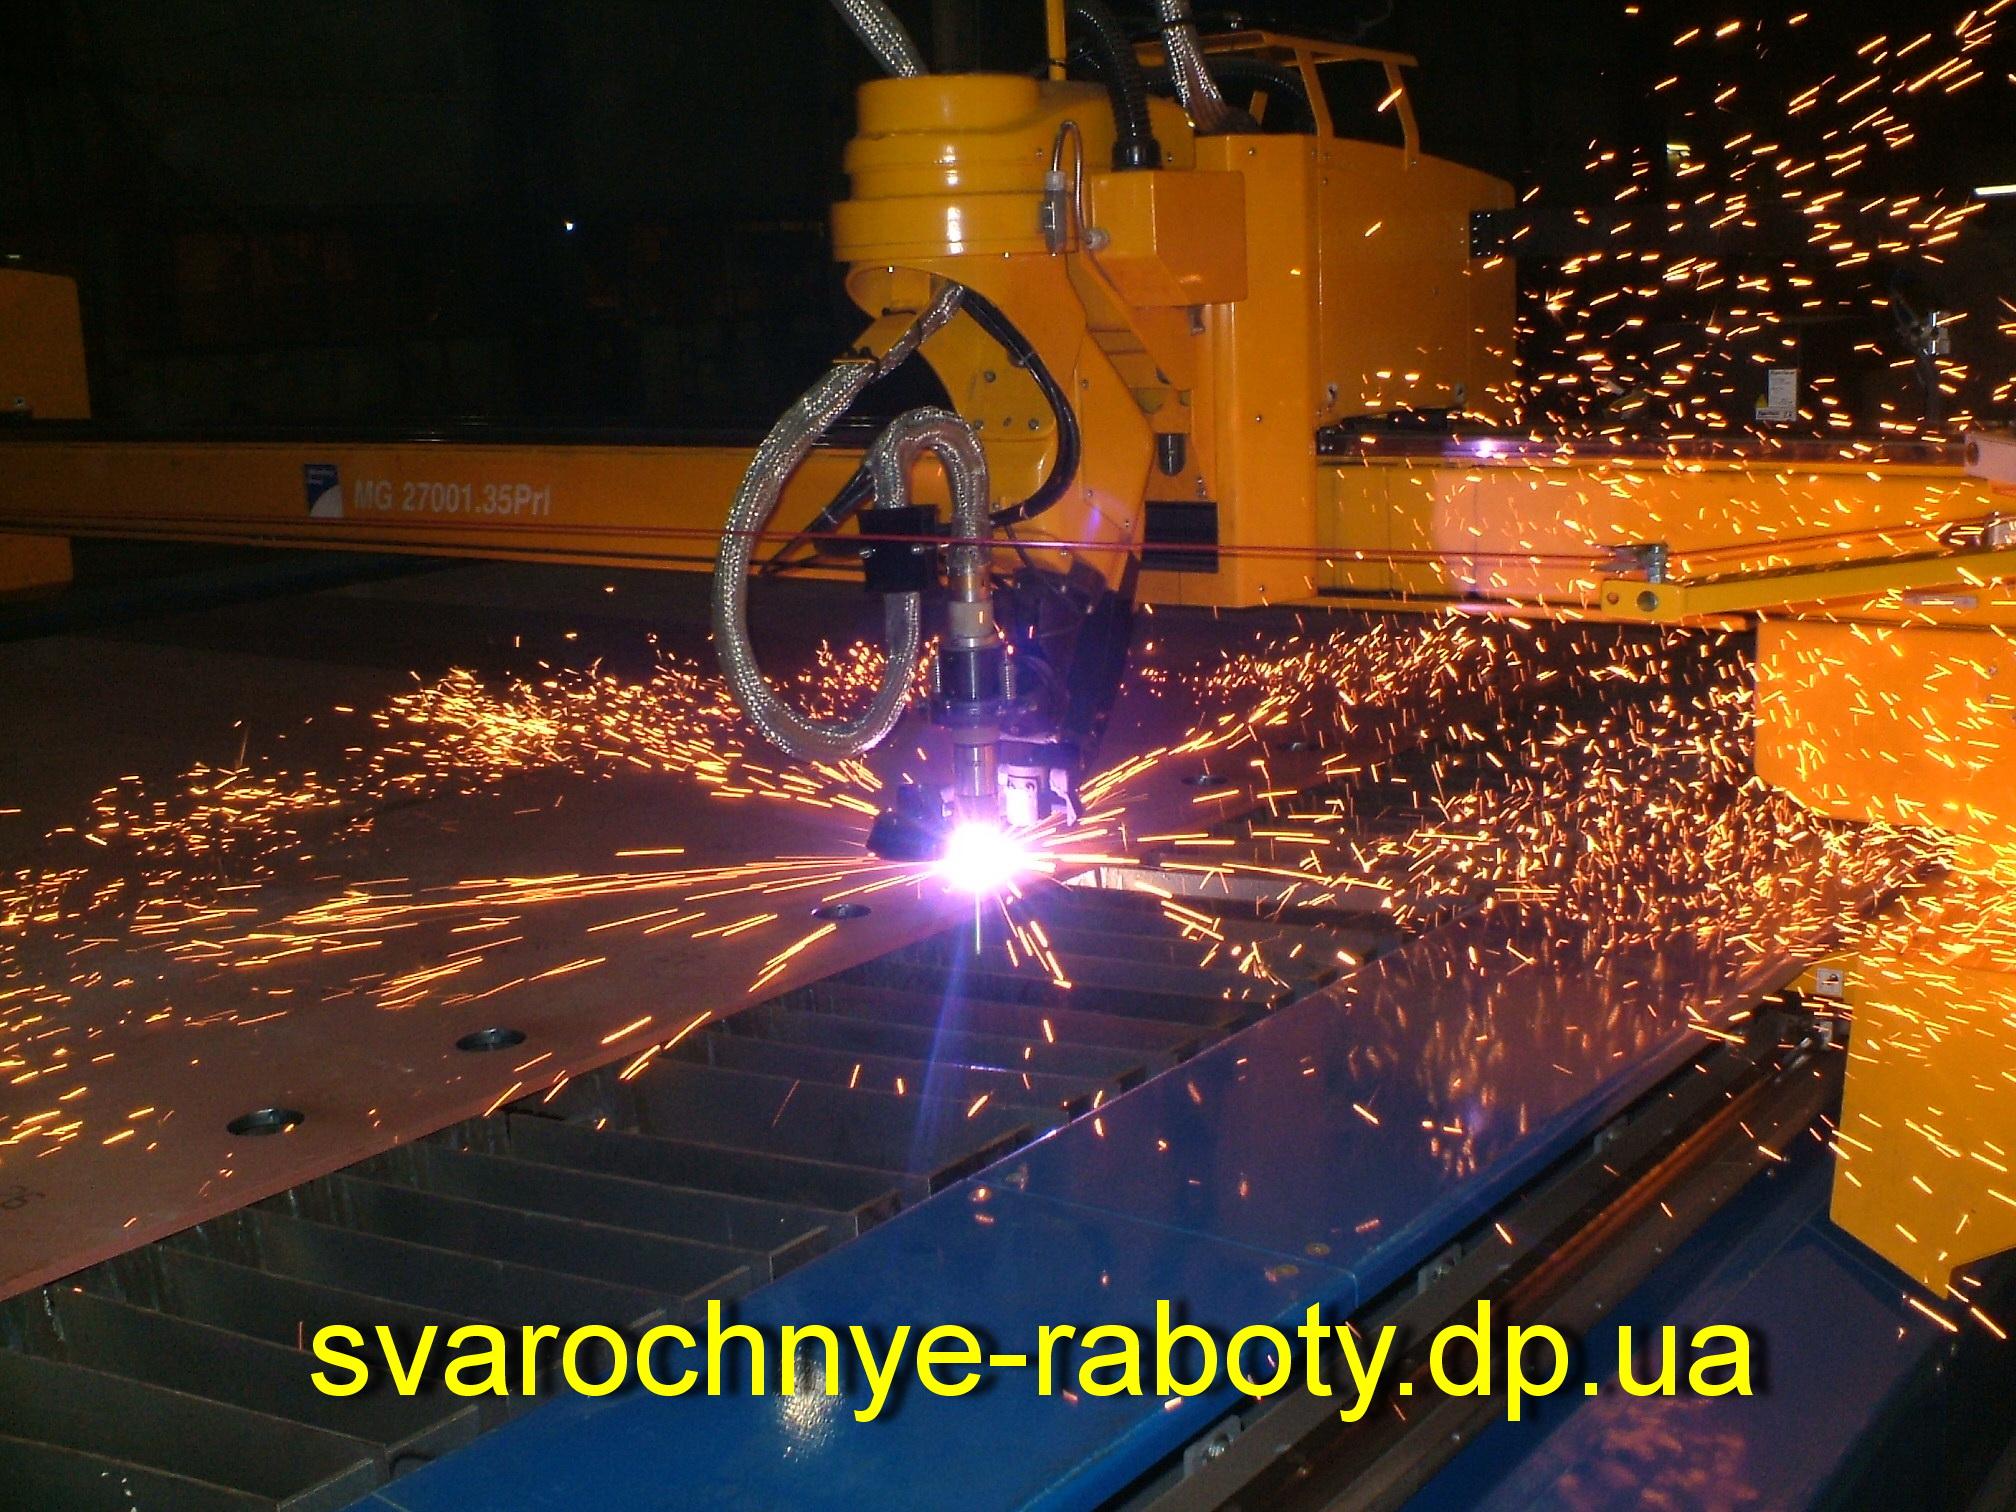 svarochnye_raboty-dnepropetrovsk